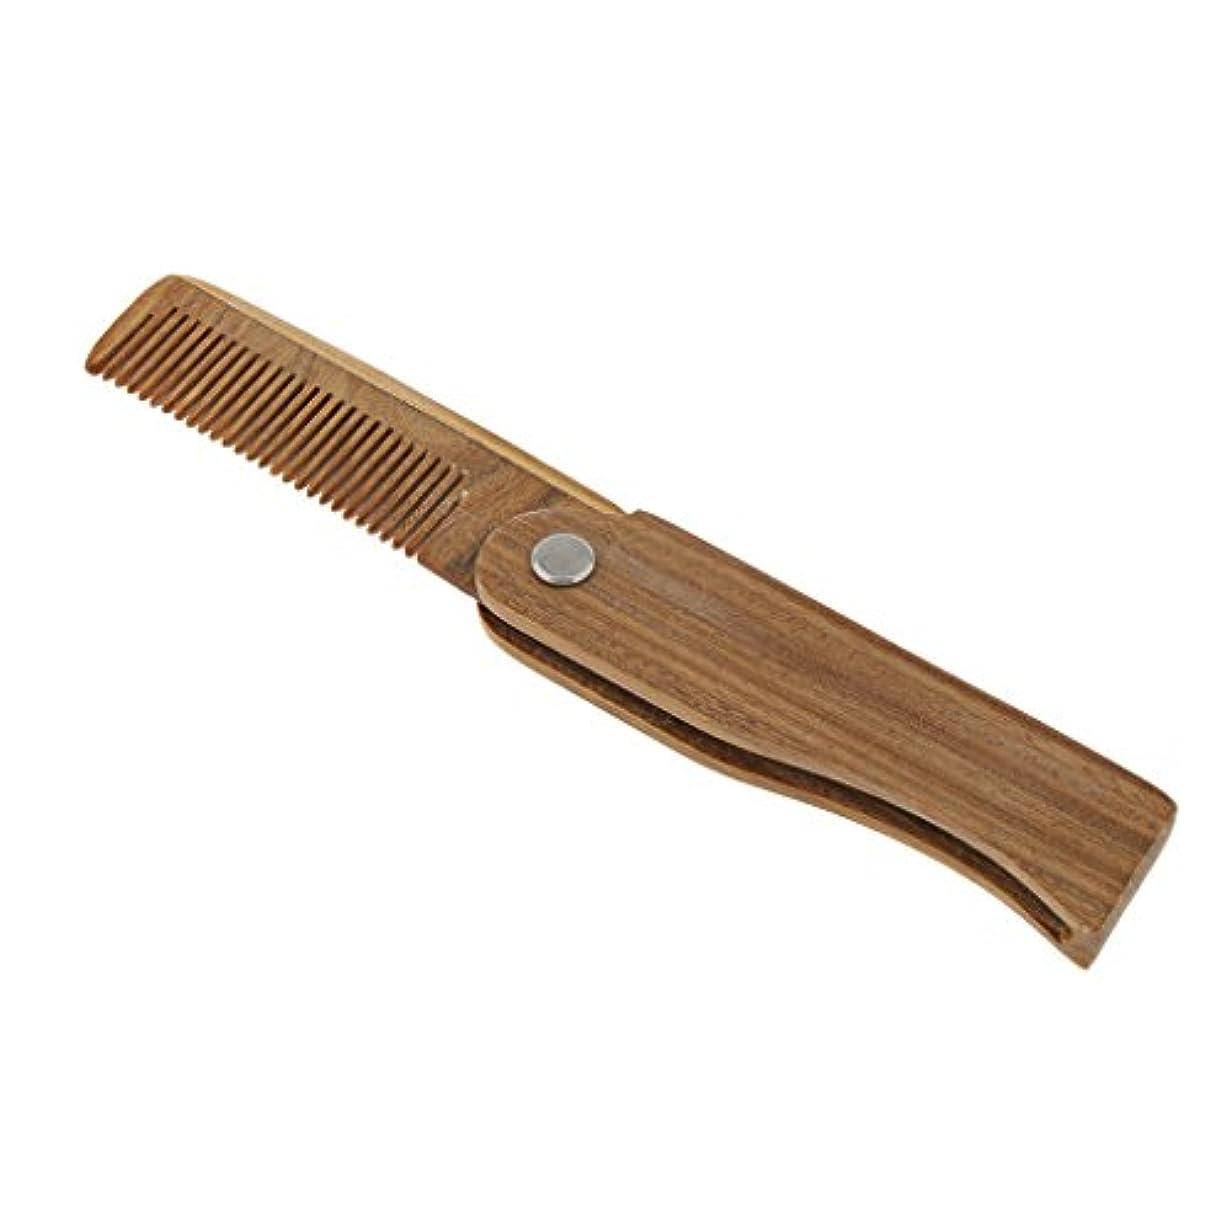 中傷シフトおしゃれじゃない木製櫛 ヘアブラシ ヘアコーム ポケットサイズ 折り畳み式 ひげ櫛 2タイプ選べる - B